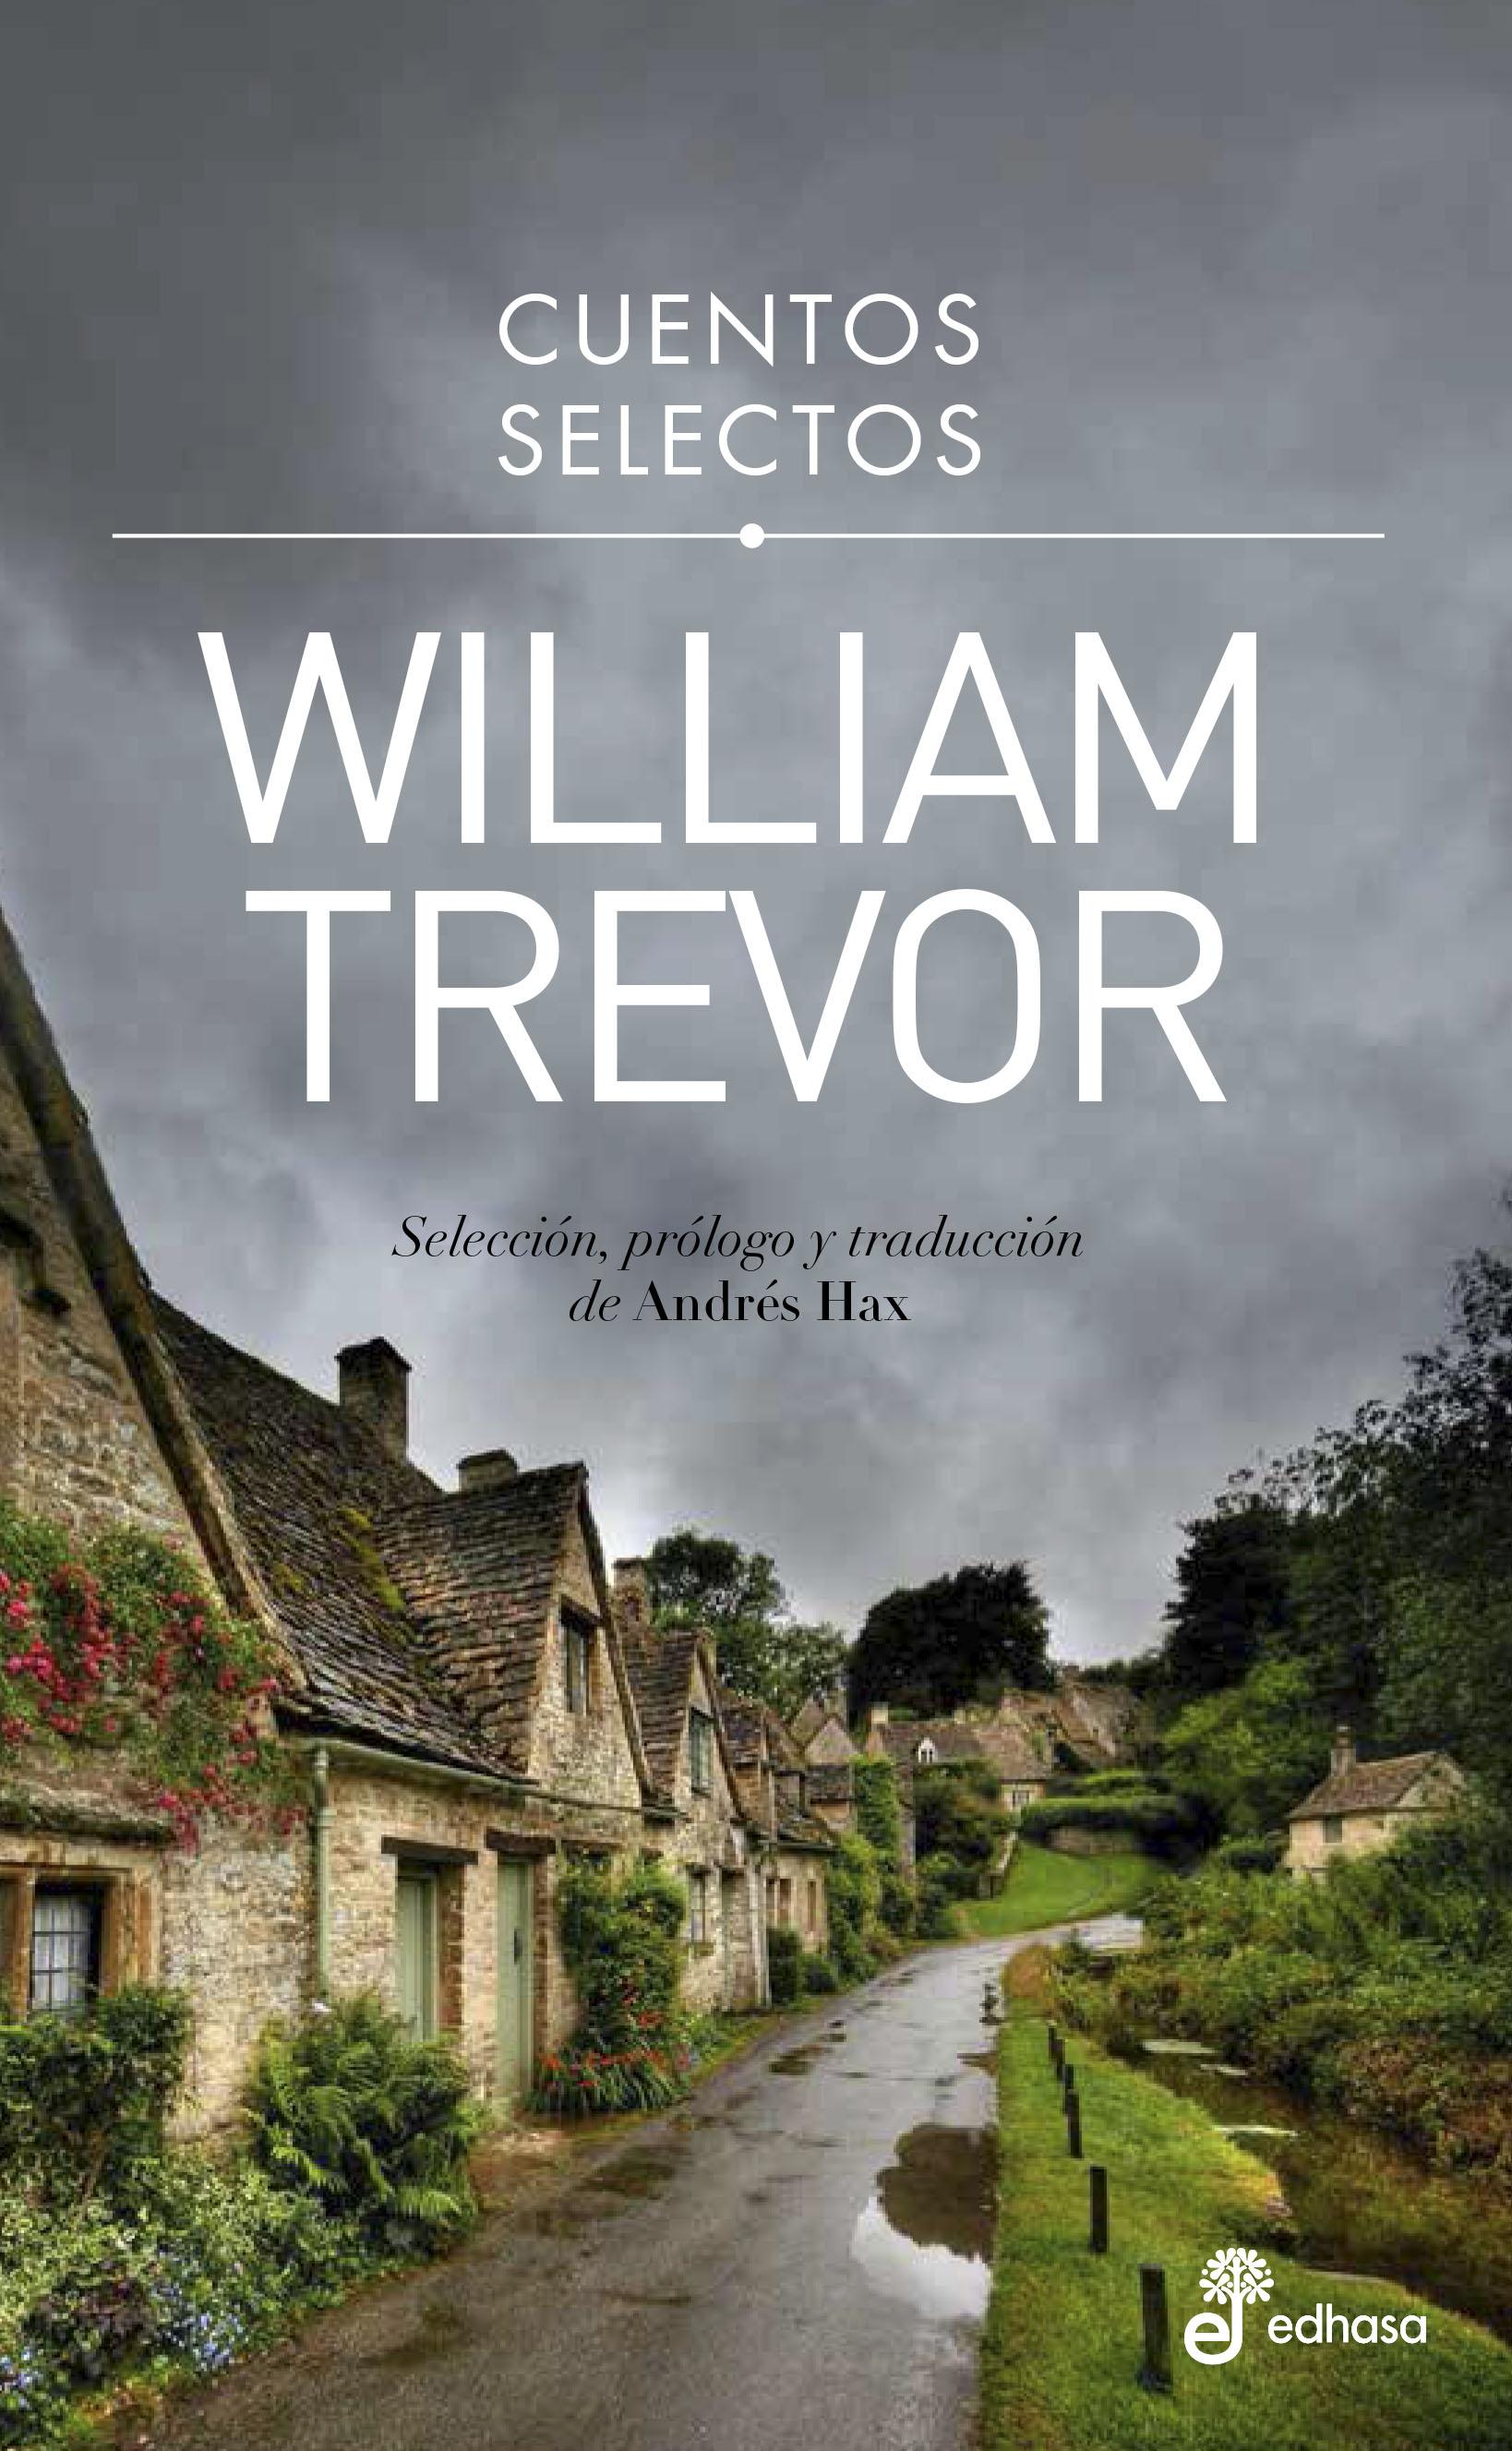 Cuentos selectos - Trevor William